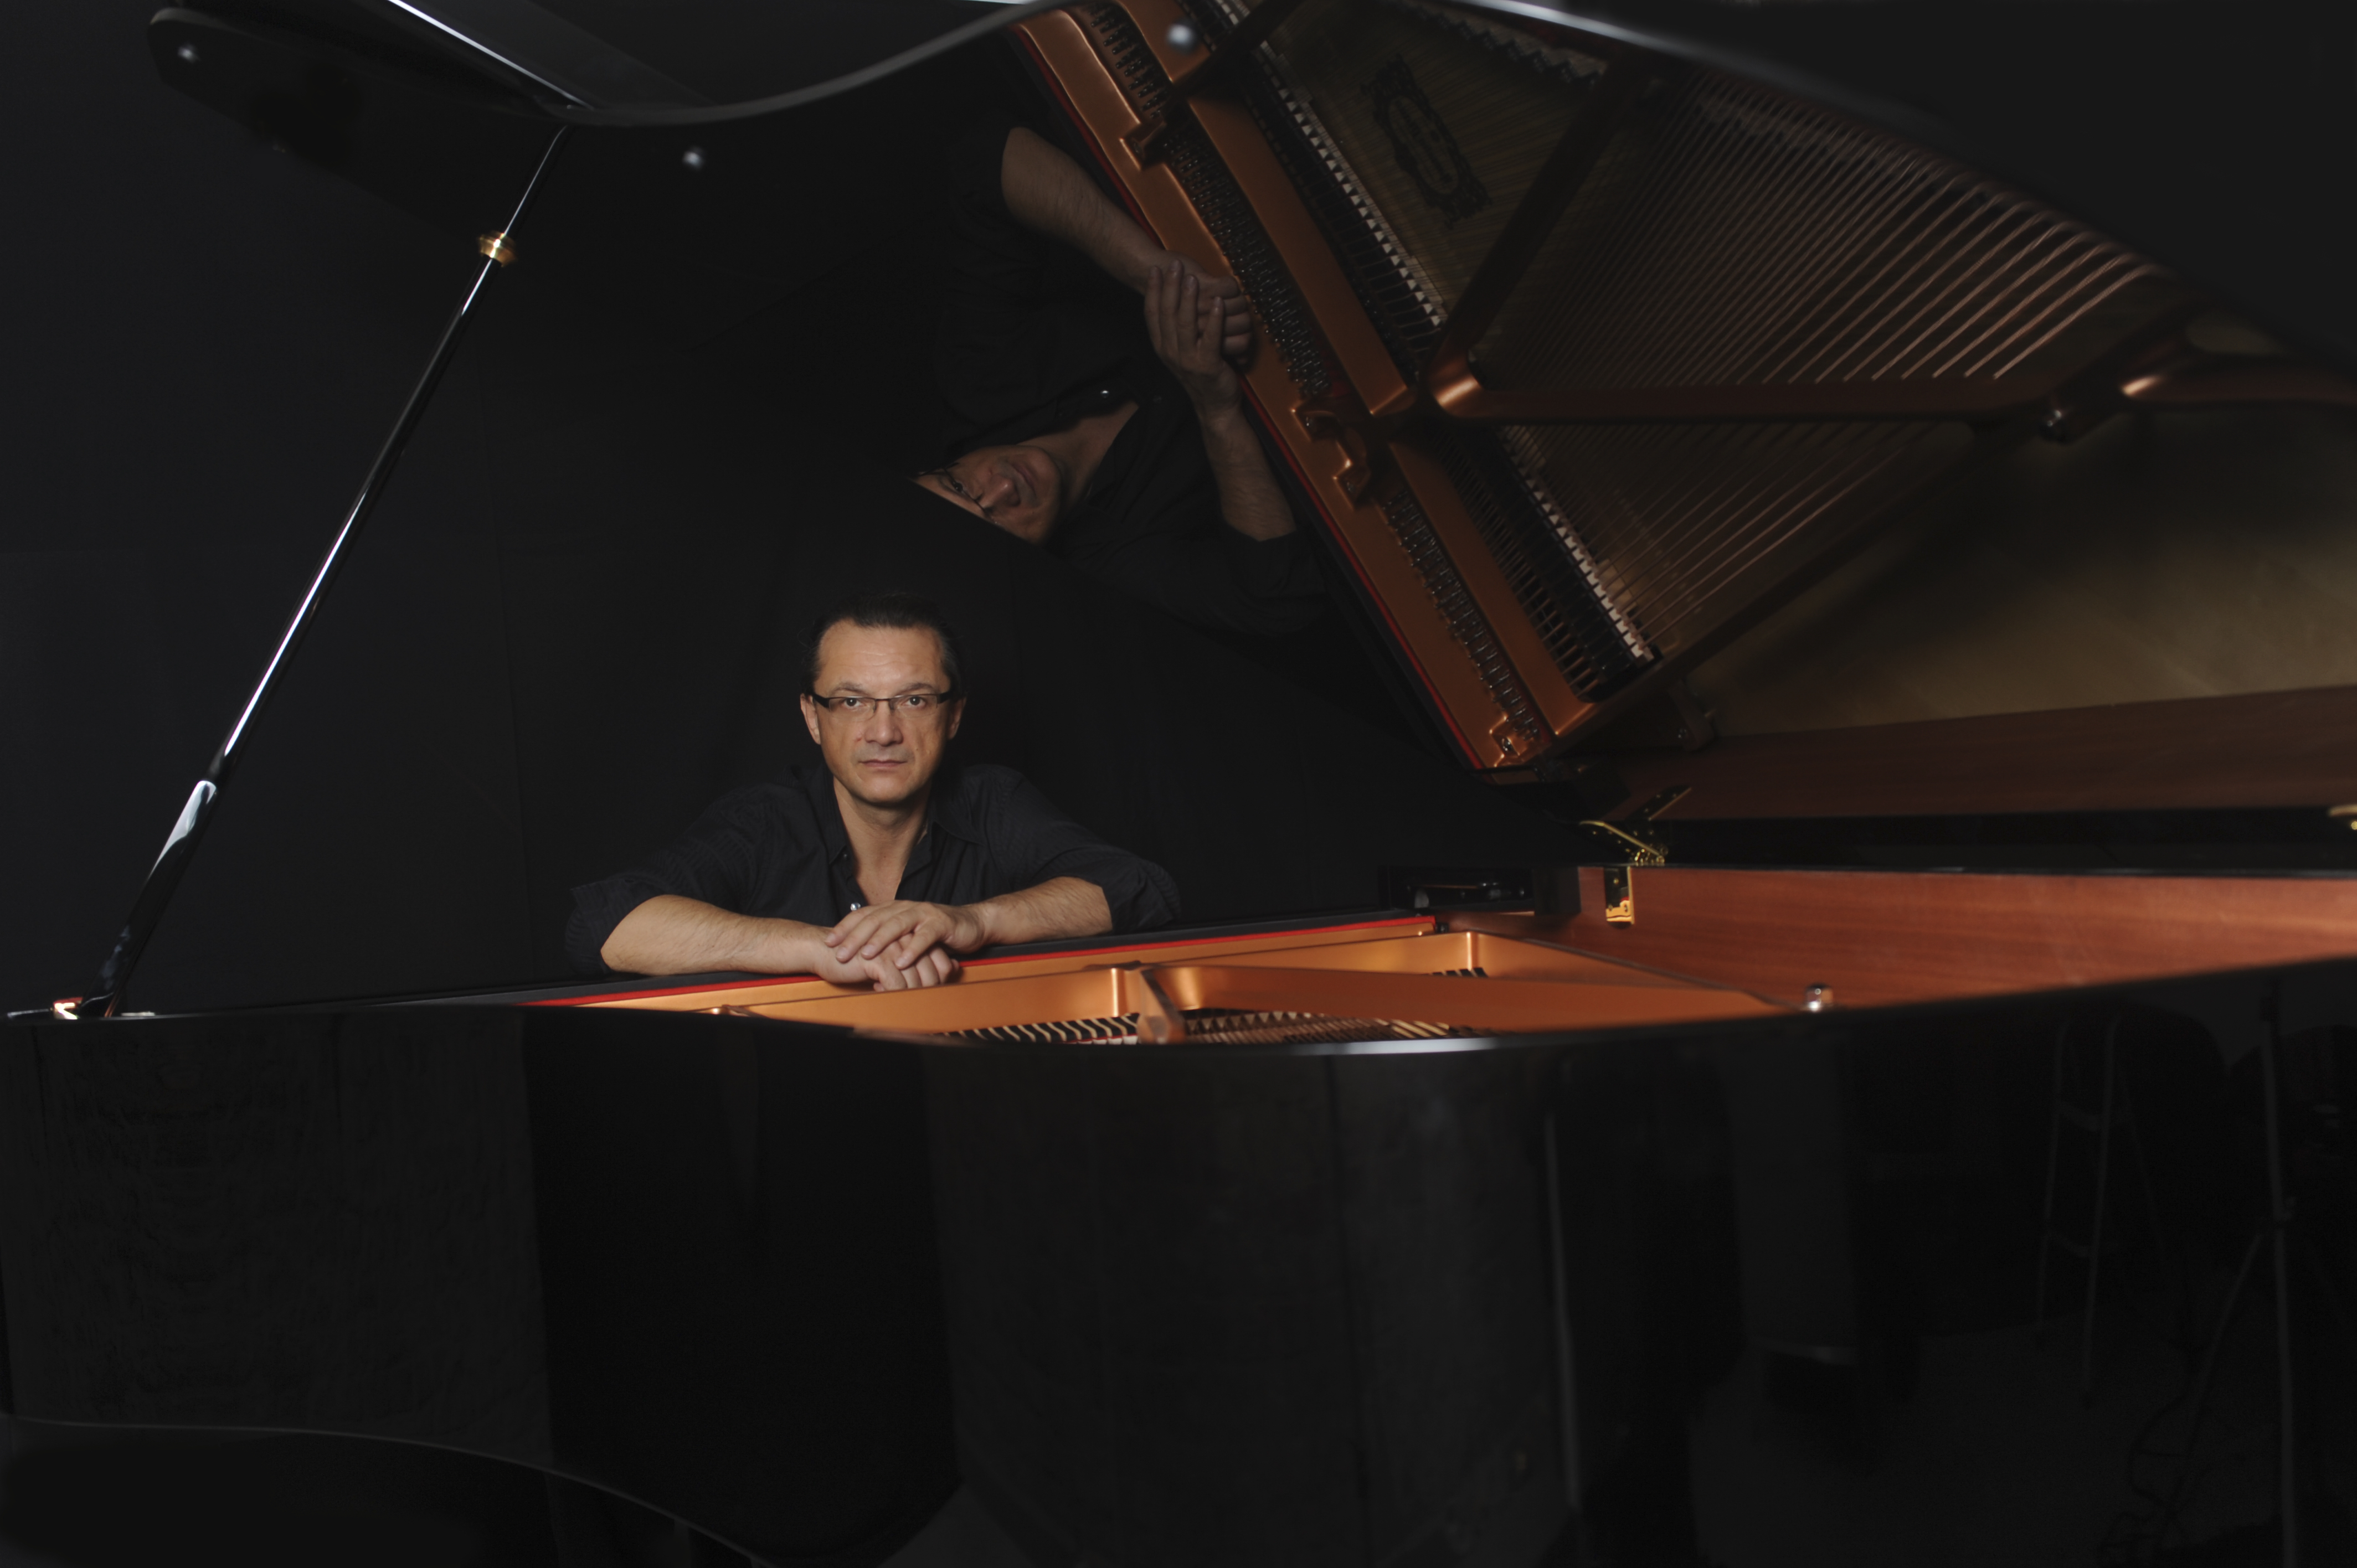 Knjiga »Glazba kao lijek« pijanista Josipa Meixnera bit će predstavljena 23. listopada / Snimio Franjo DERANJA